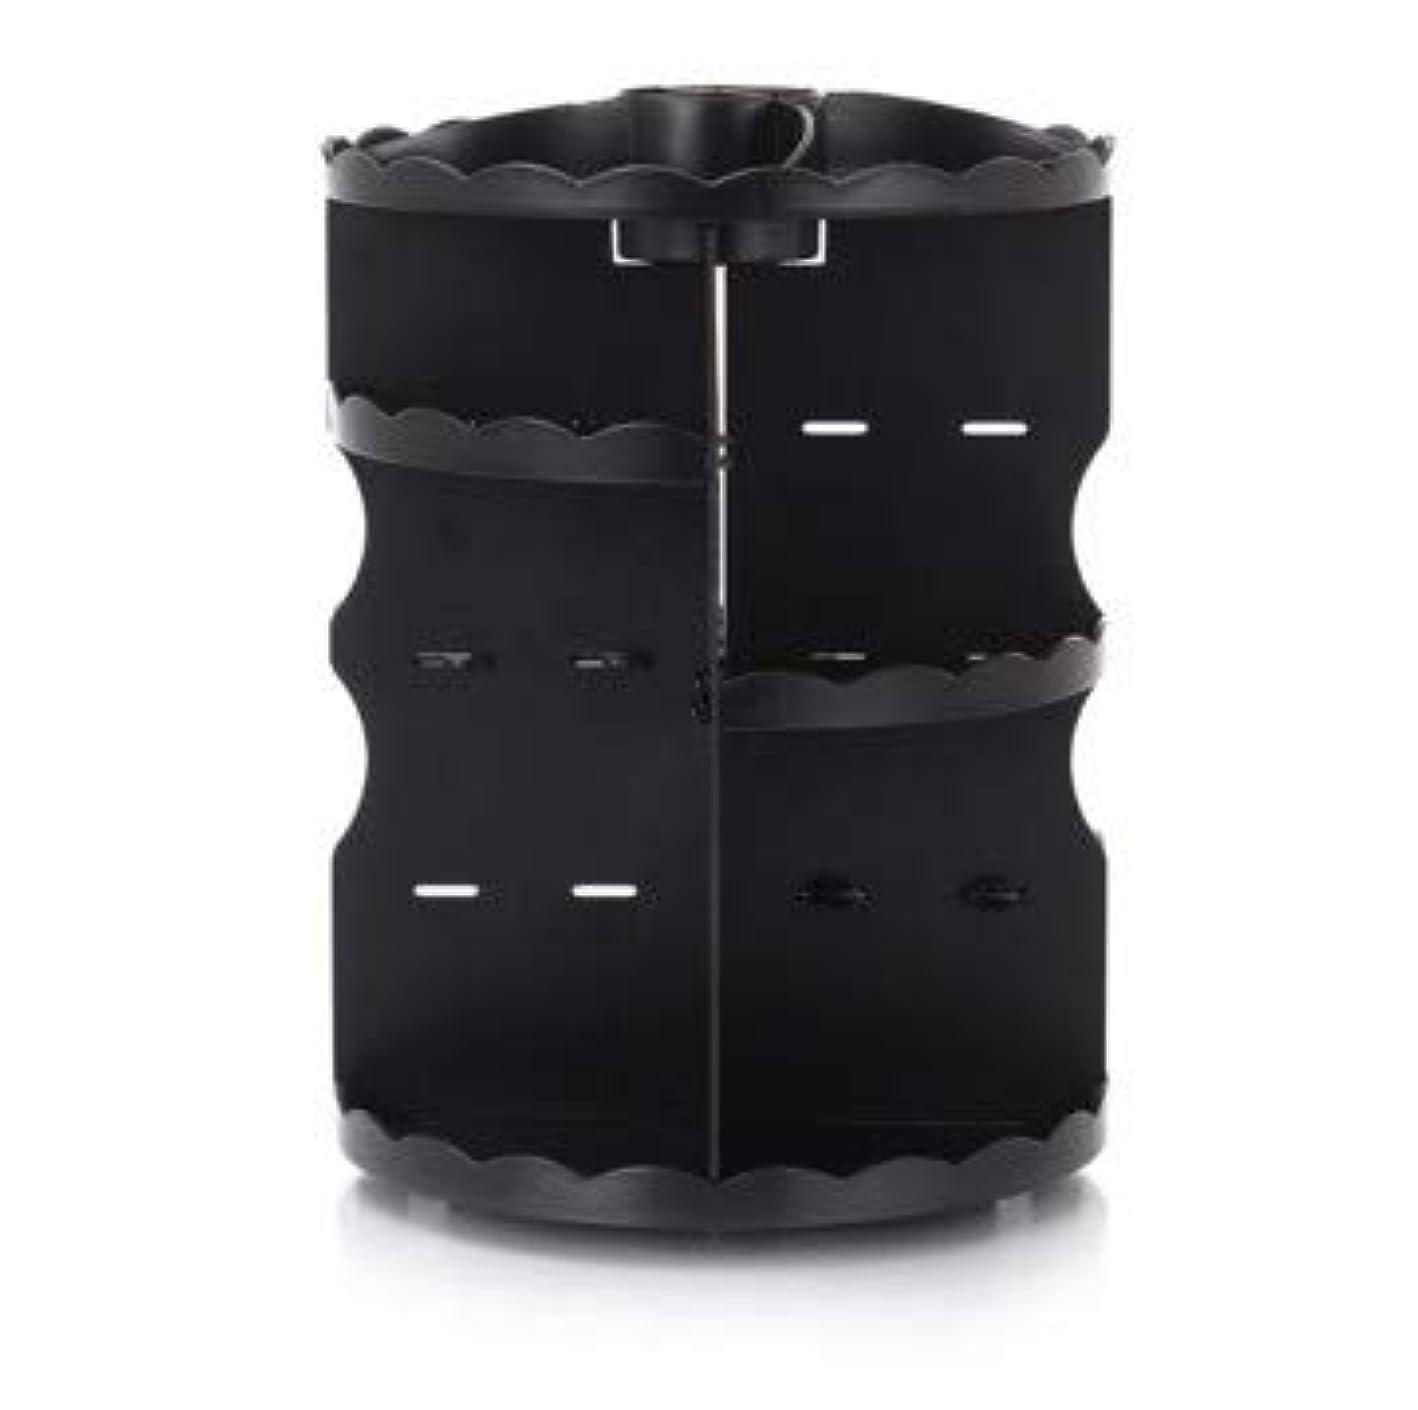 ファンドパイシアーラウンド卓上回転口紅フレーム透明アクリル化粧ケース浴室スキンケアプラスチック収納ボックス (Color : ブラック)